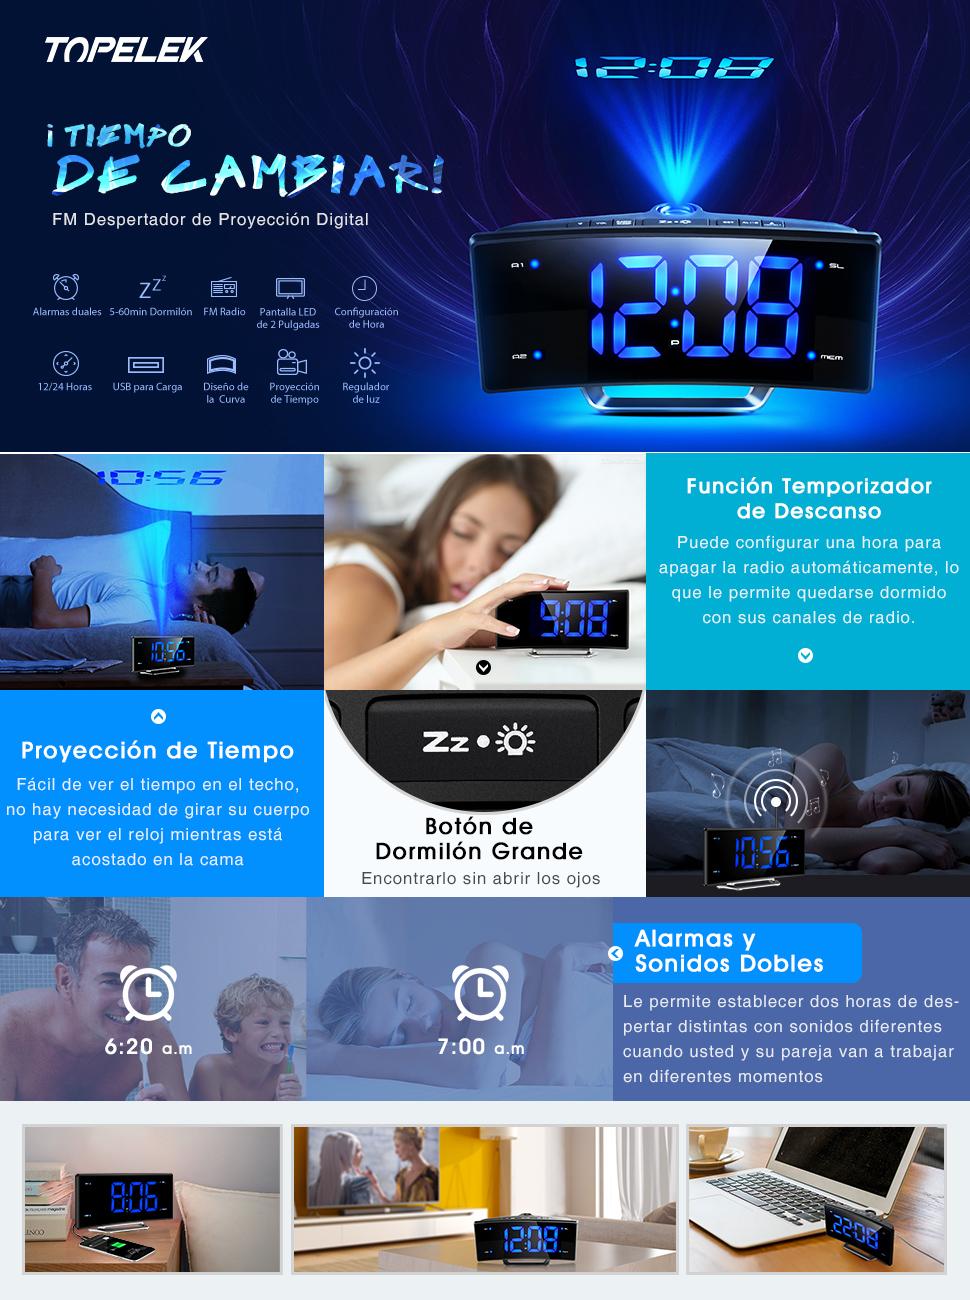 TOPELEK Radio Despertador Digital, Radio Reloj Despertador con Proyector, Alarma de Proyección de FM, Alarmas Dobles, Función Snooze, Pantalla LED de ...